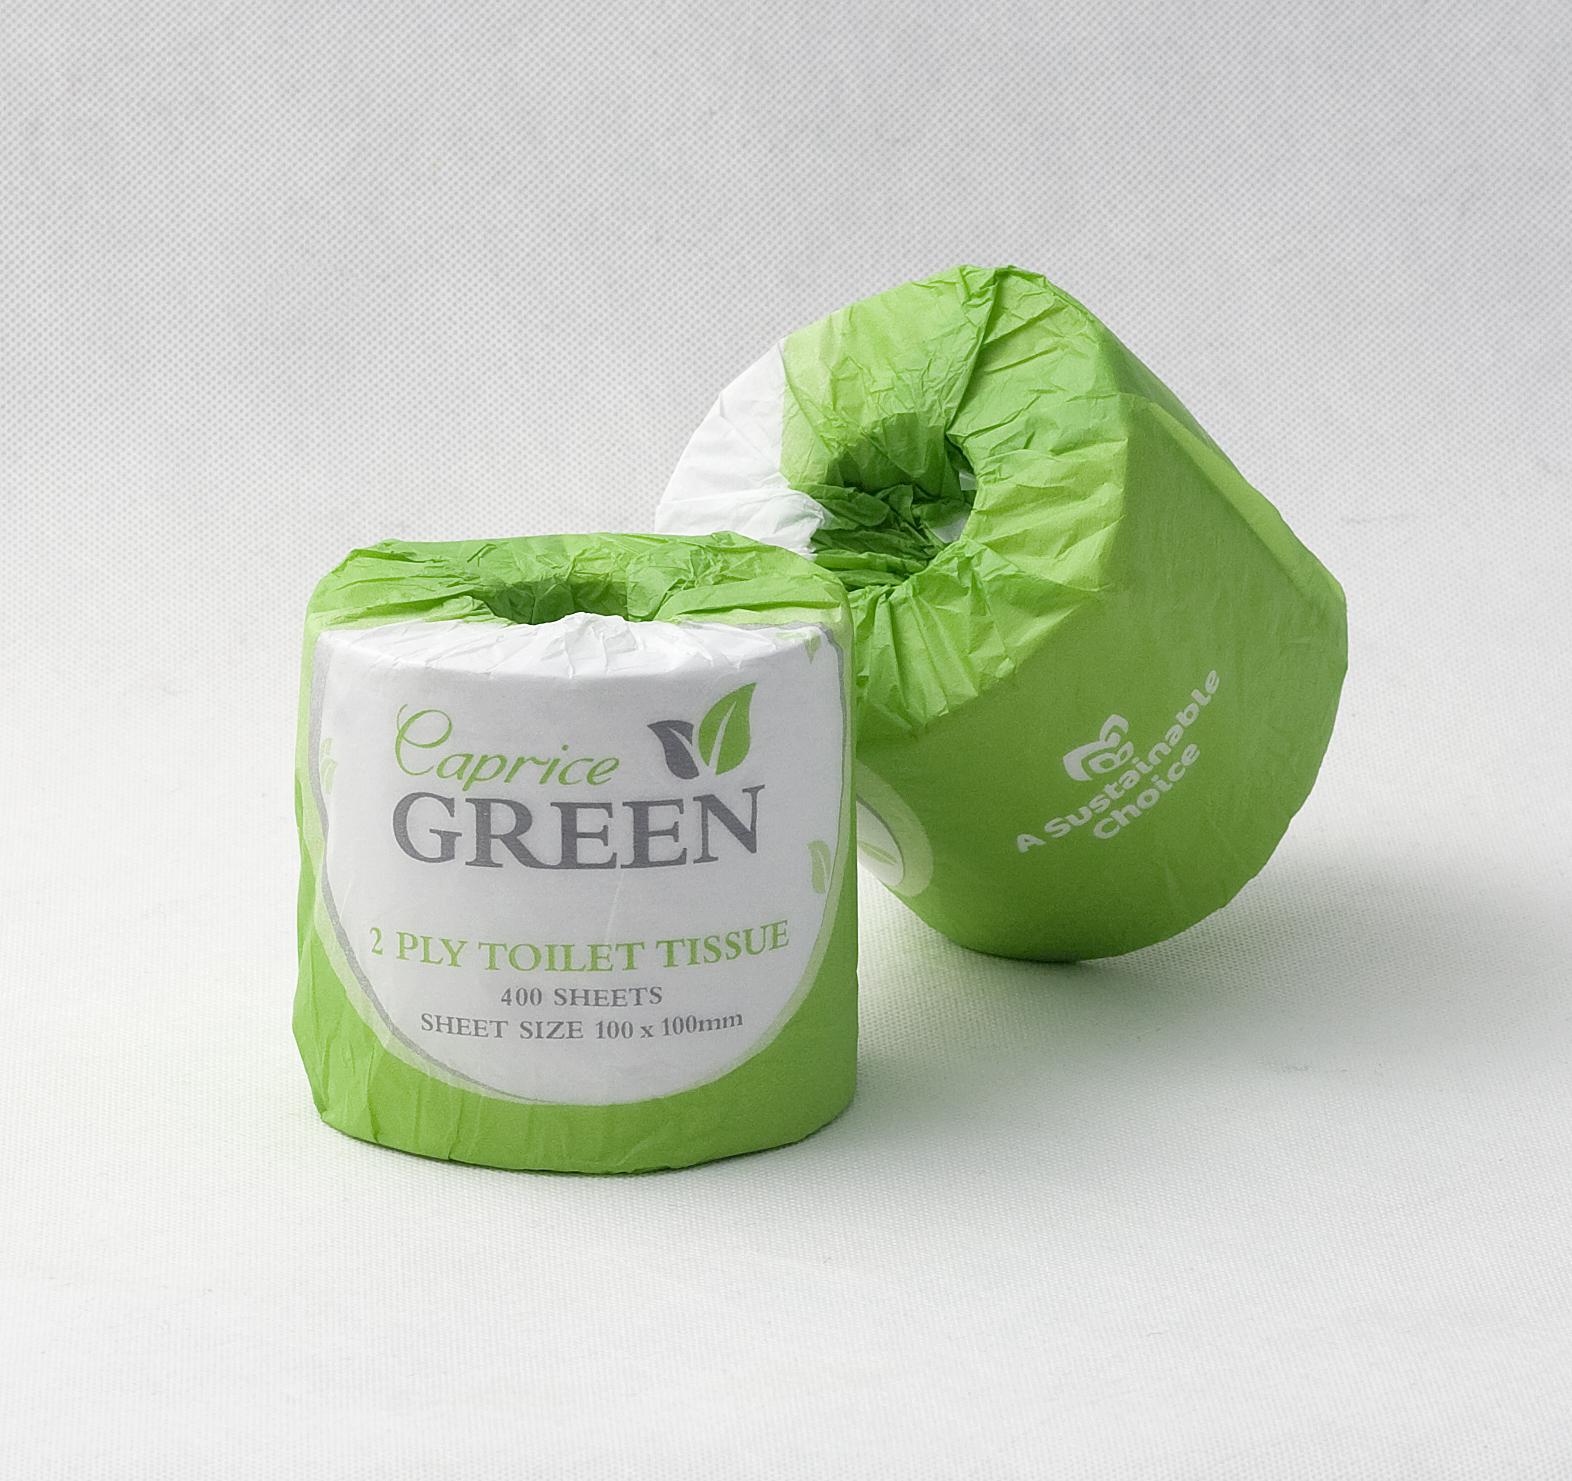 Caprice Green